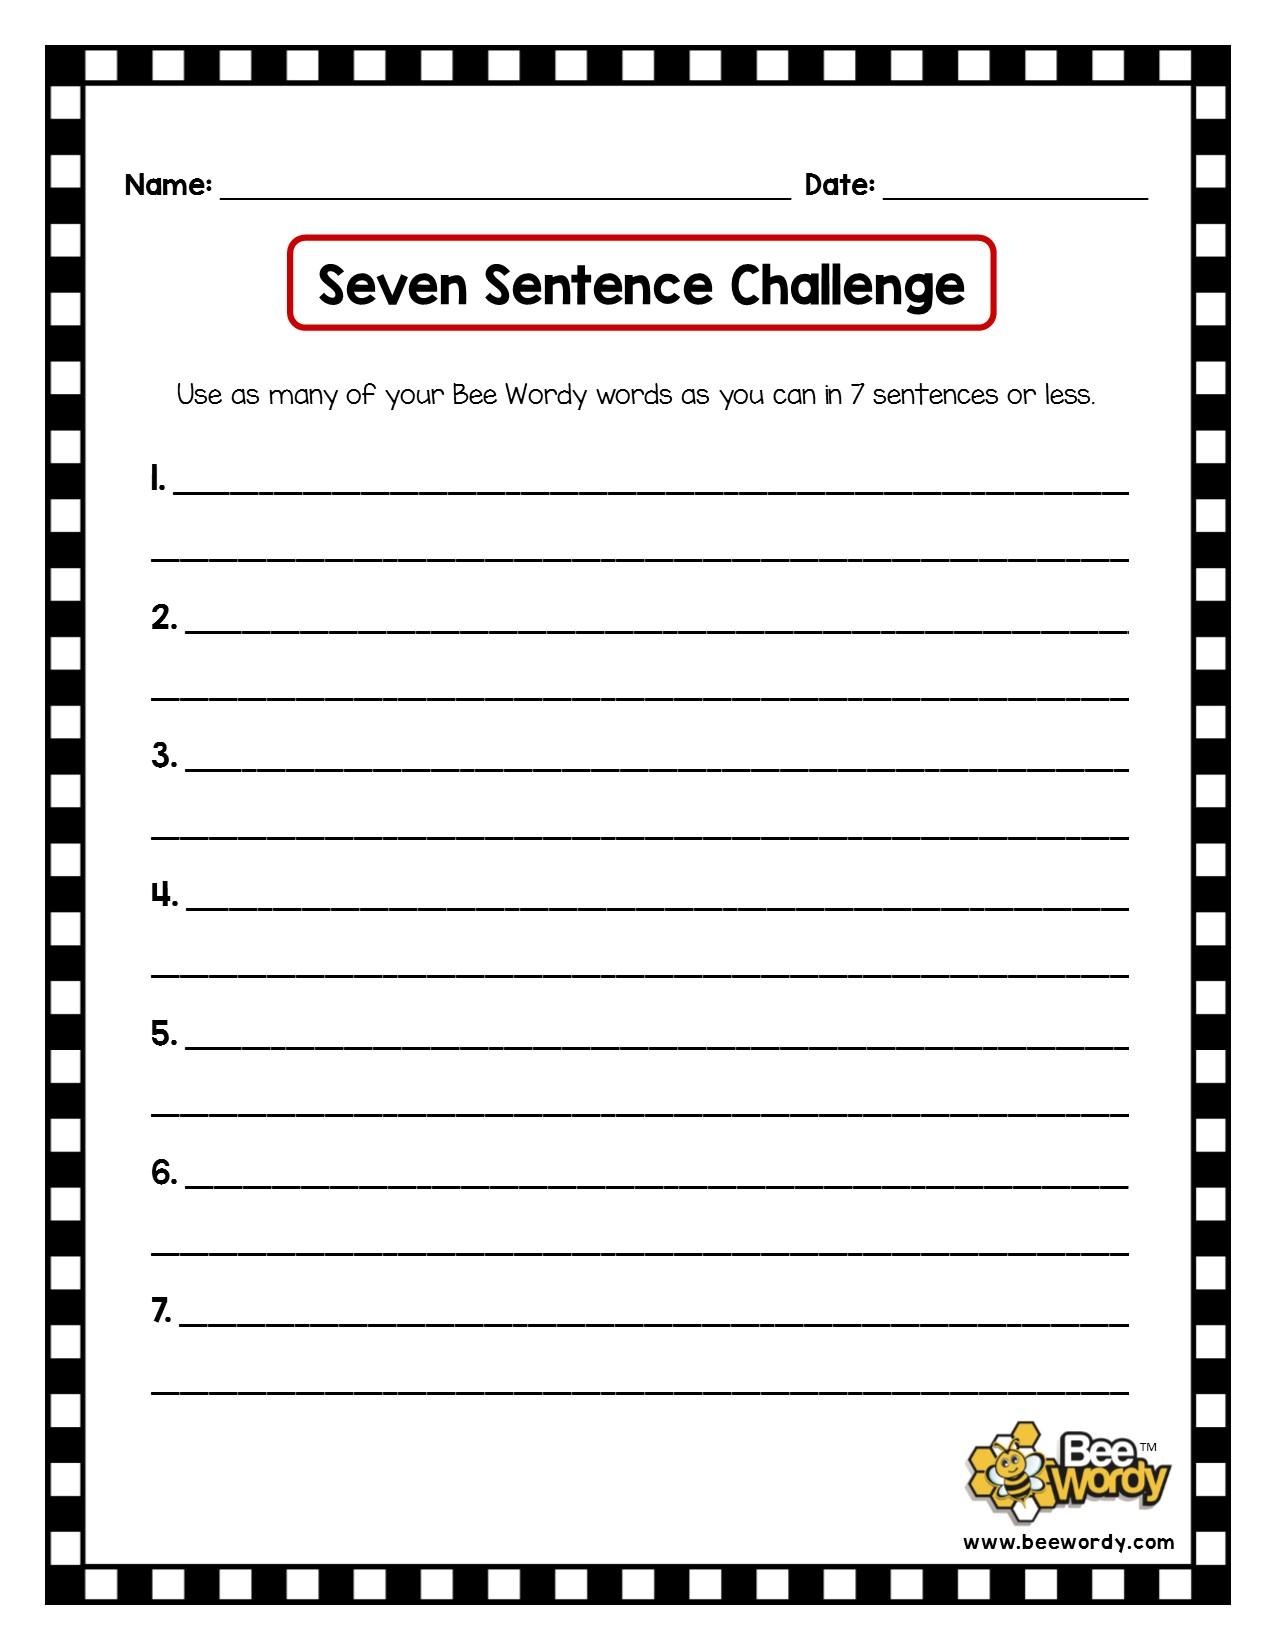 BW Seven Sentence Challenge.jpg